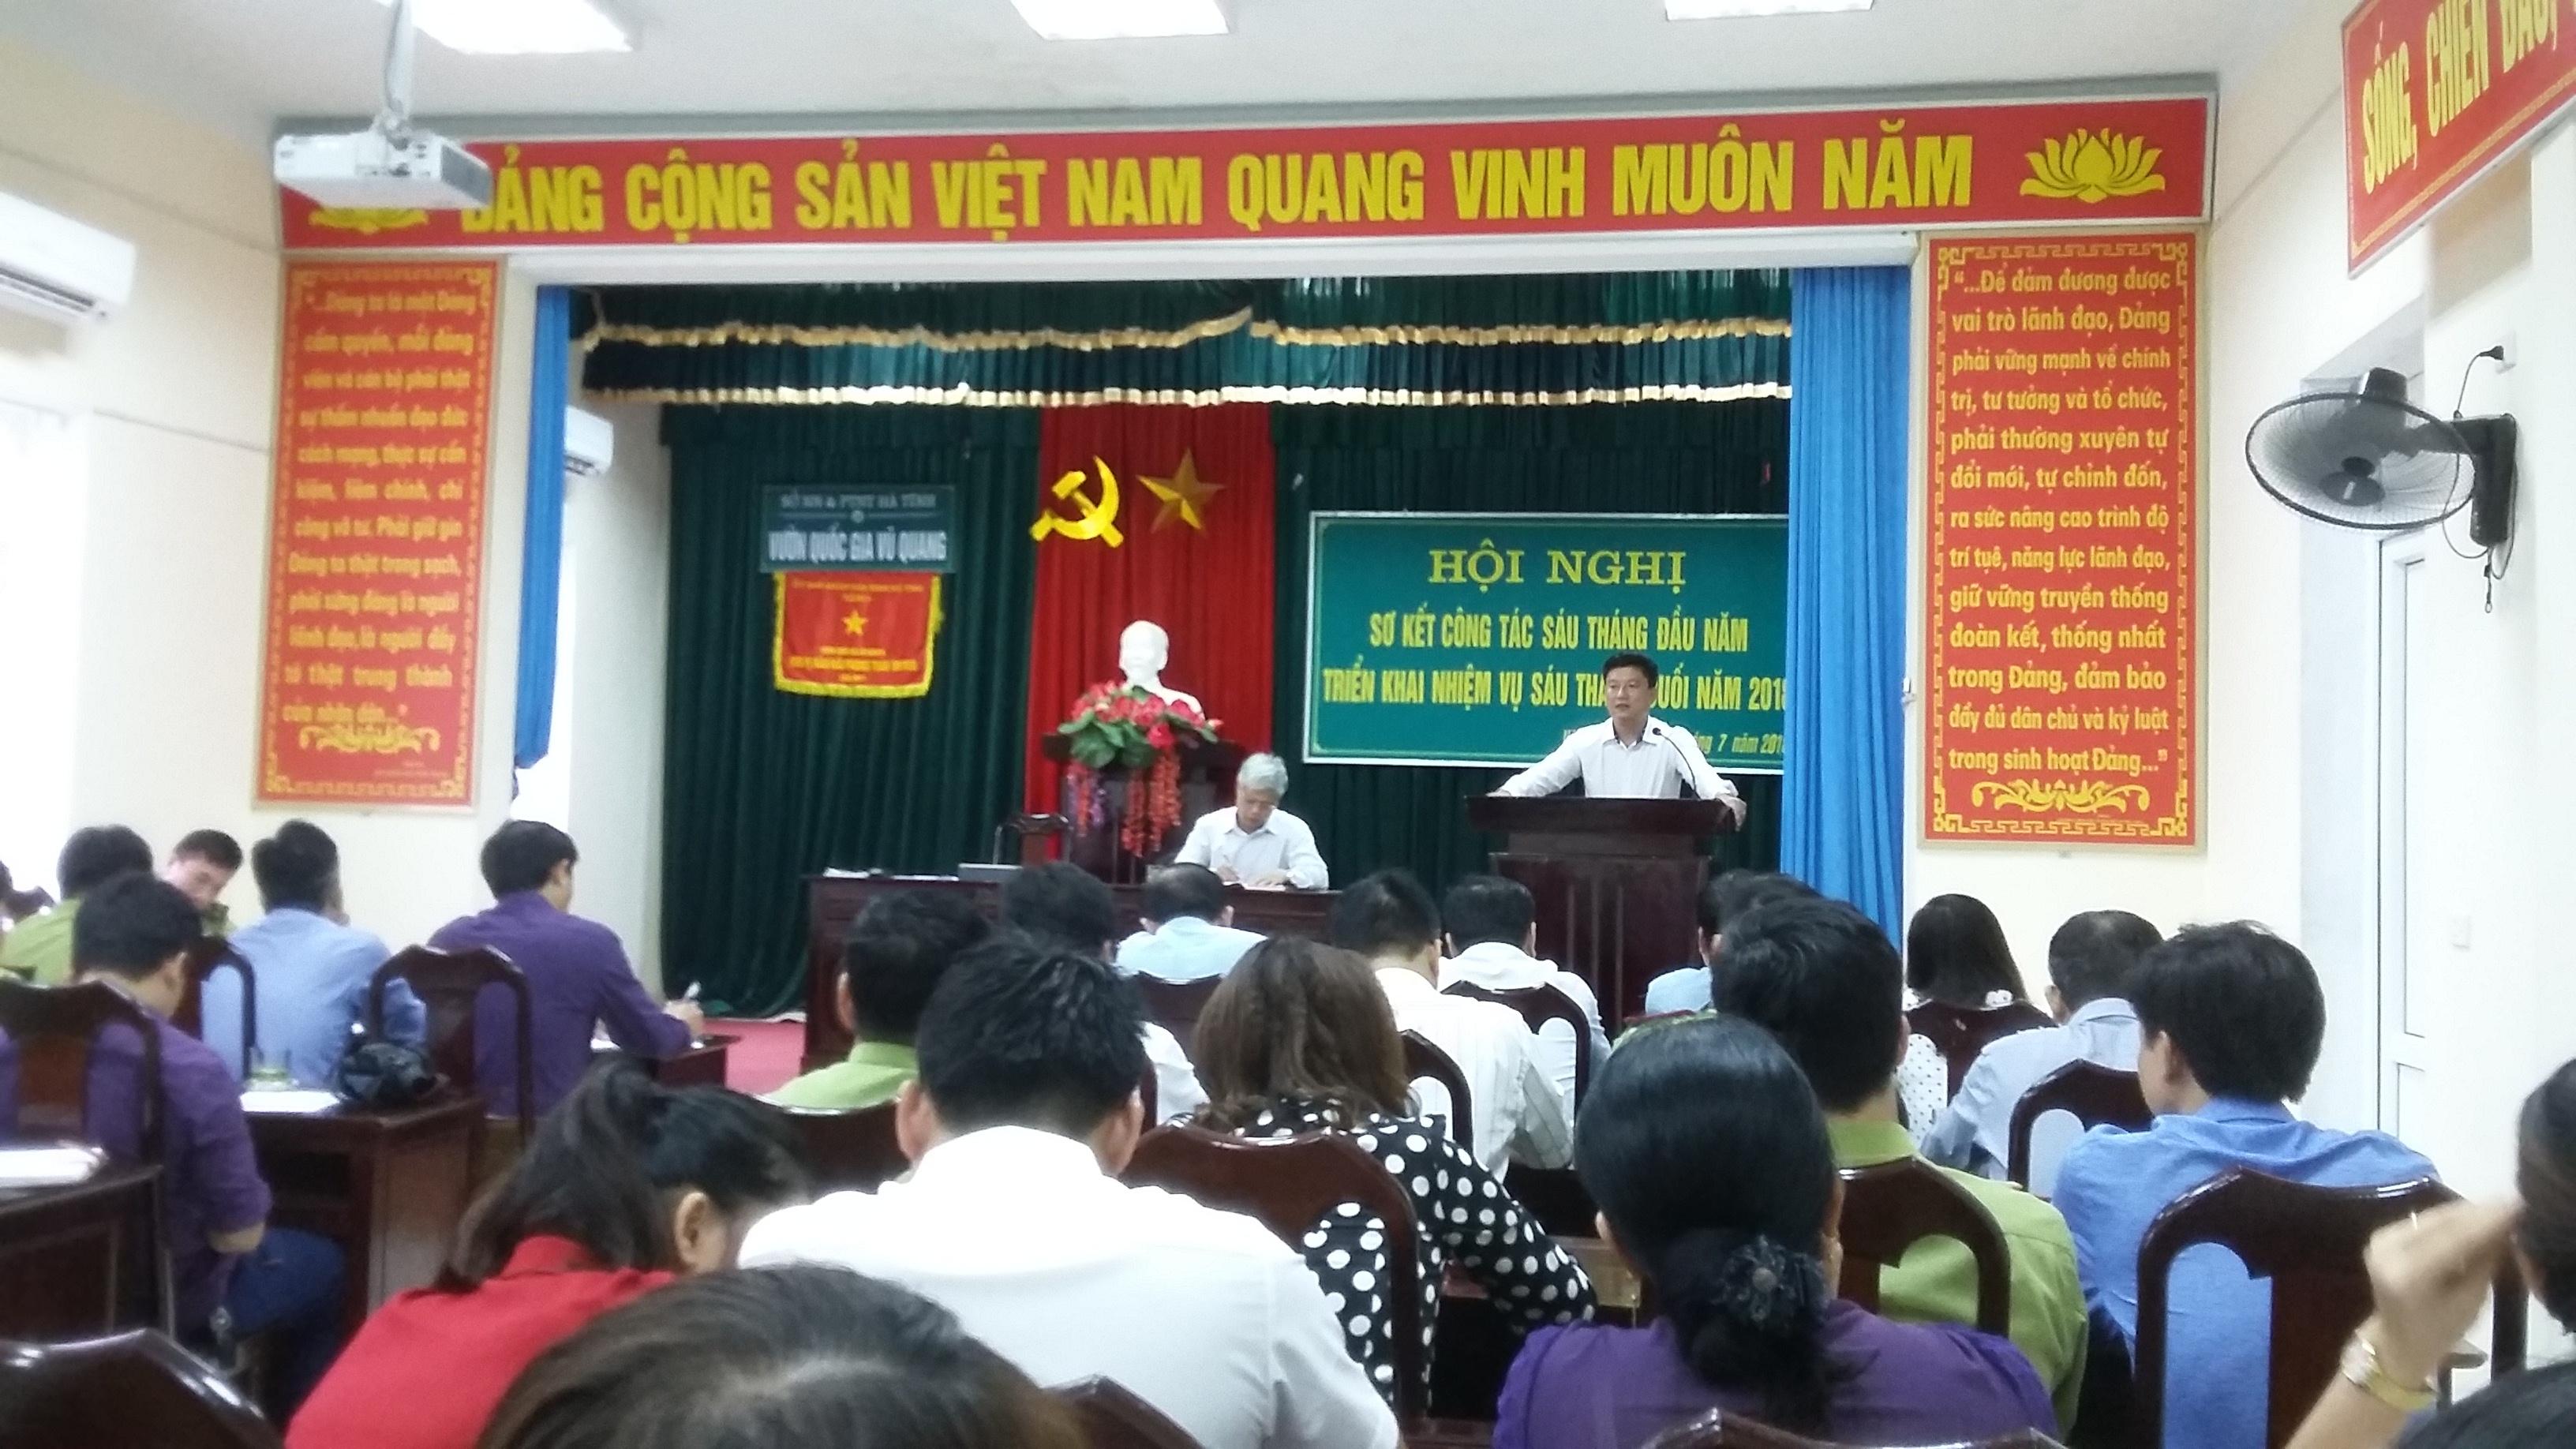 Vườn QG Vũ Quang sơ kết công tác xây dựng Đảng và kết quả thực hiện nhiệm vụ chính trị 6 tháng đầu năm 2018.